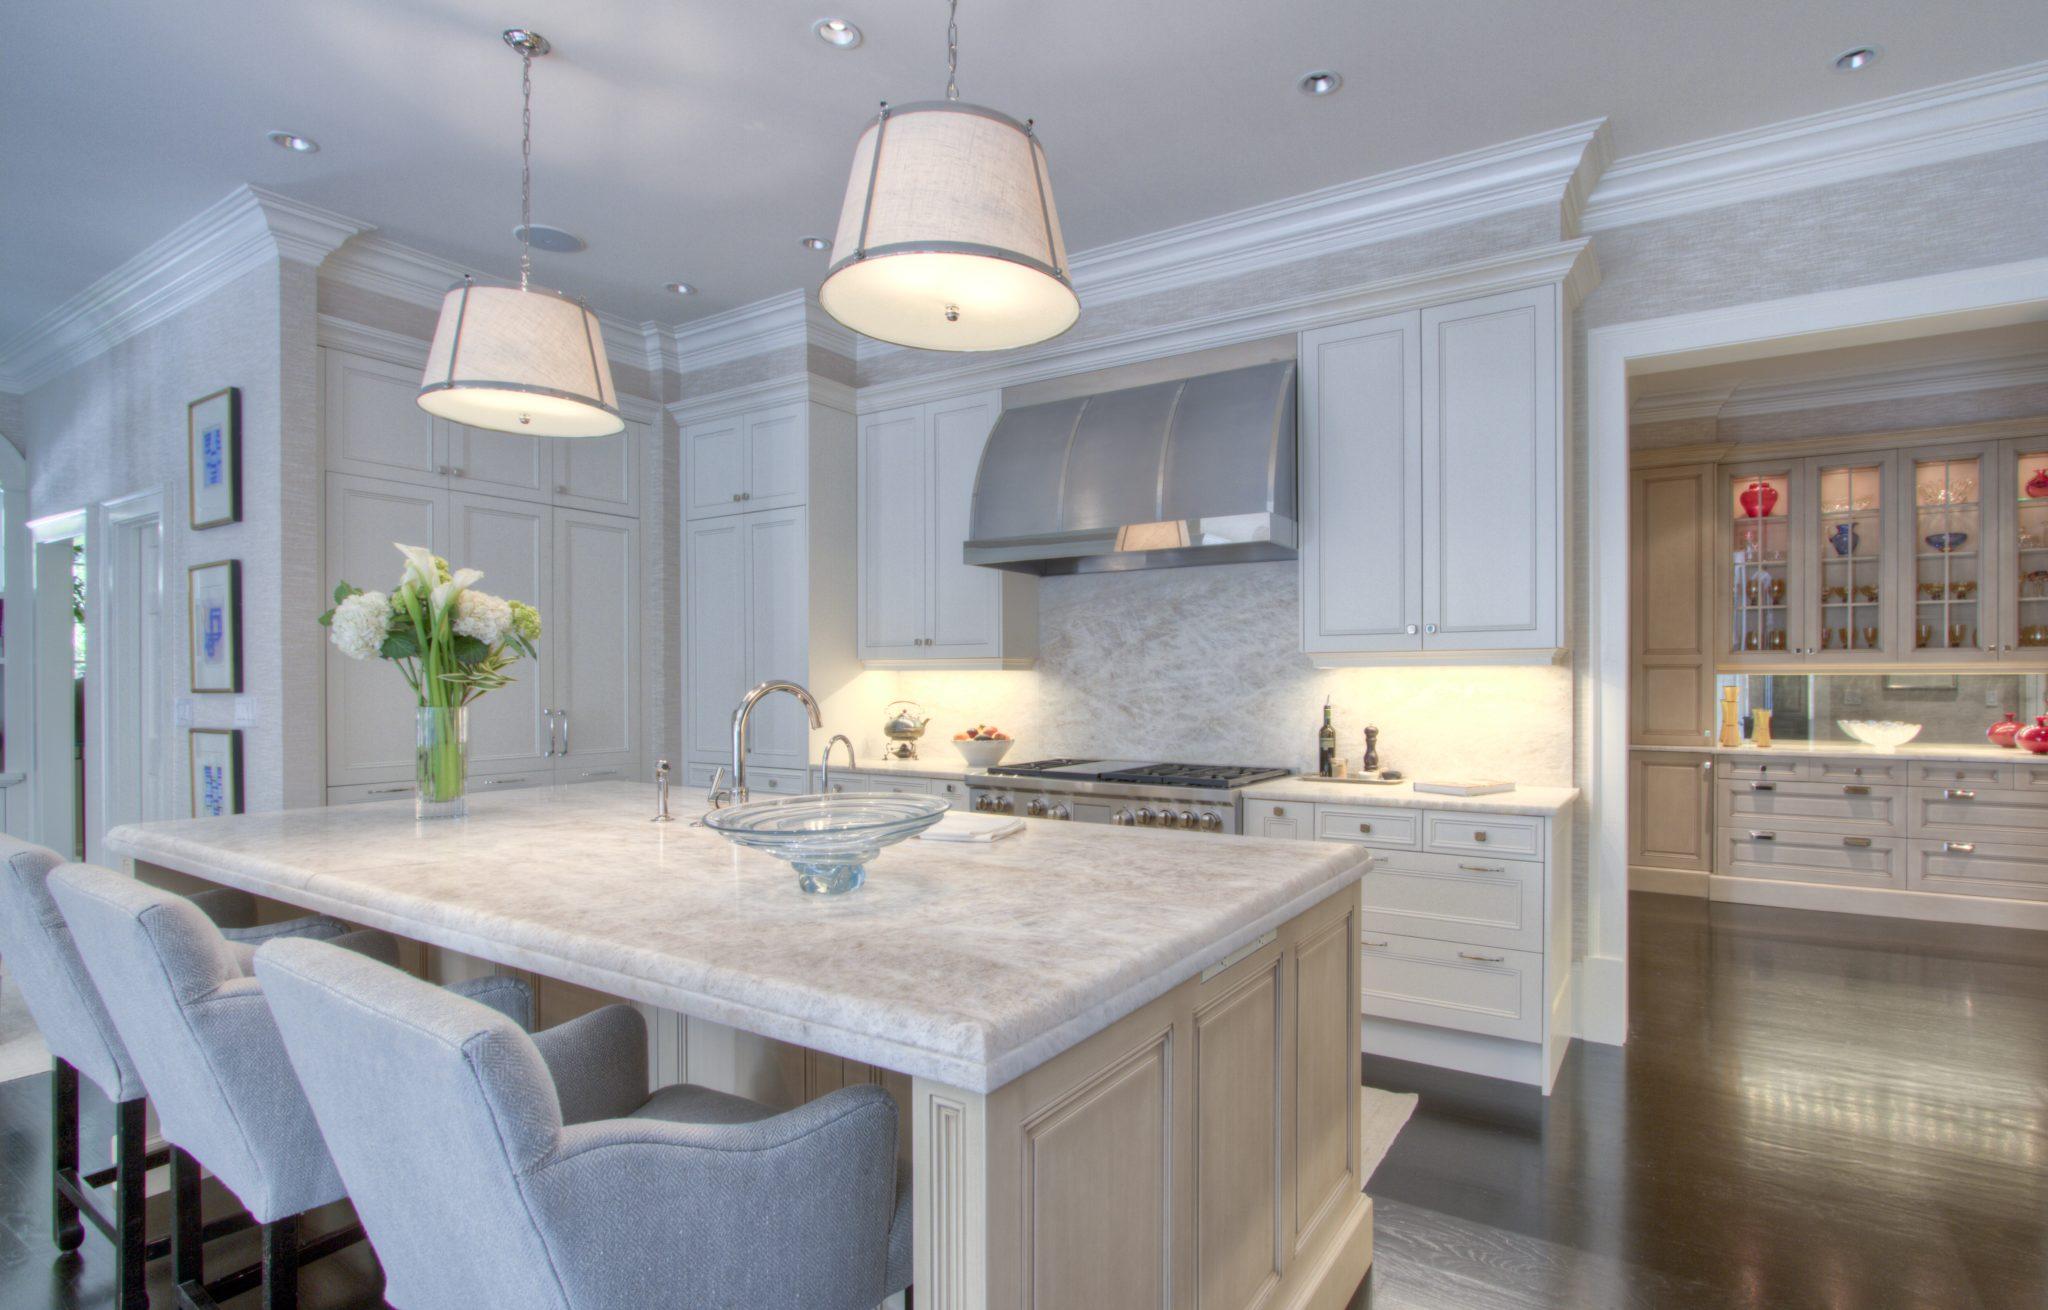 A sleek kitchen designby The Design Atelier